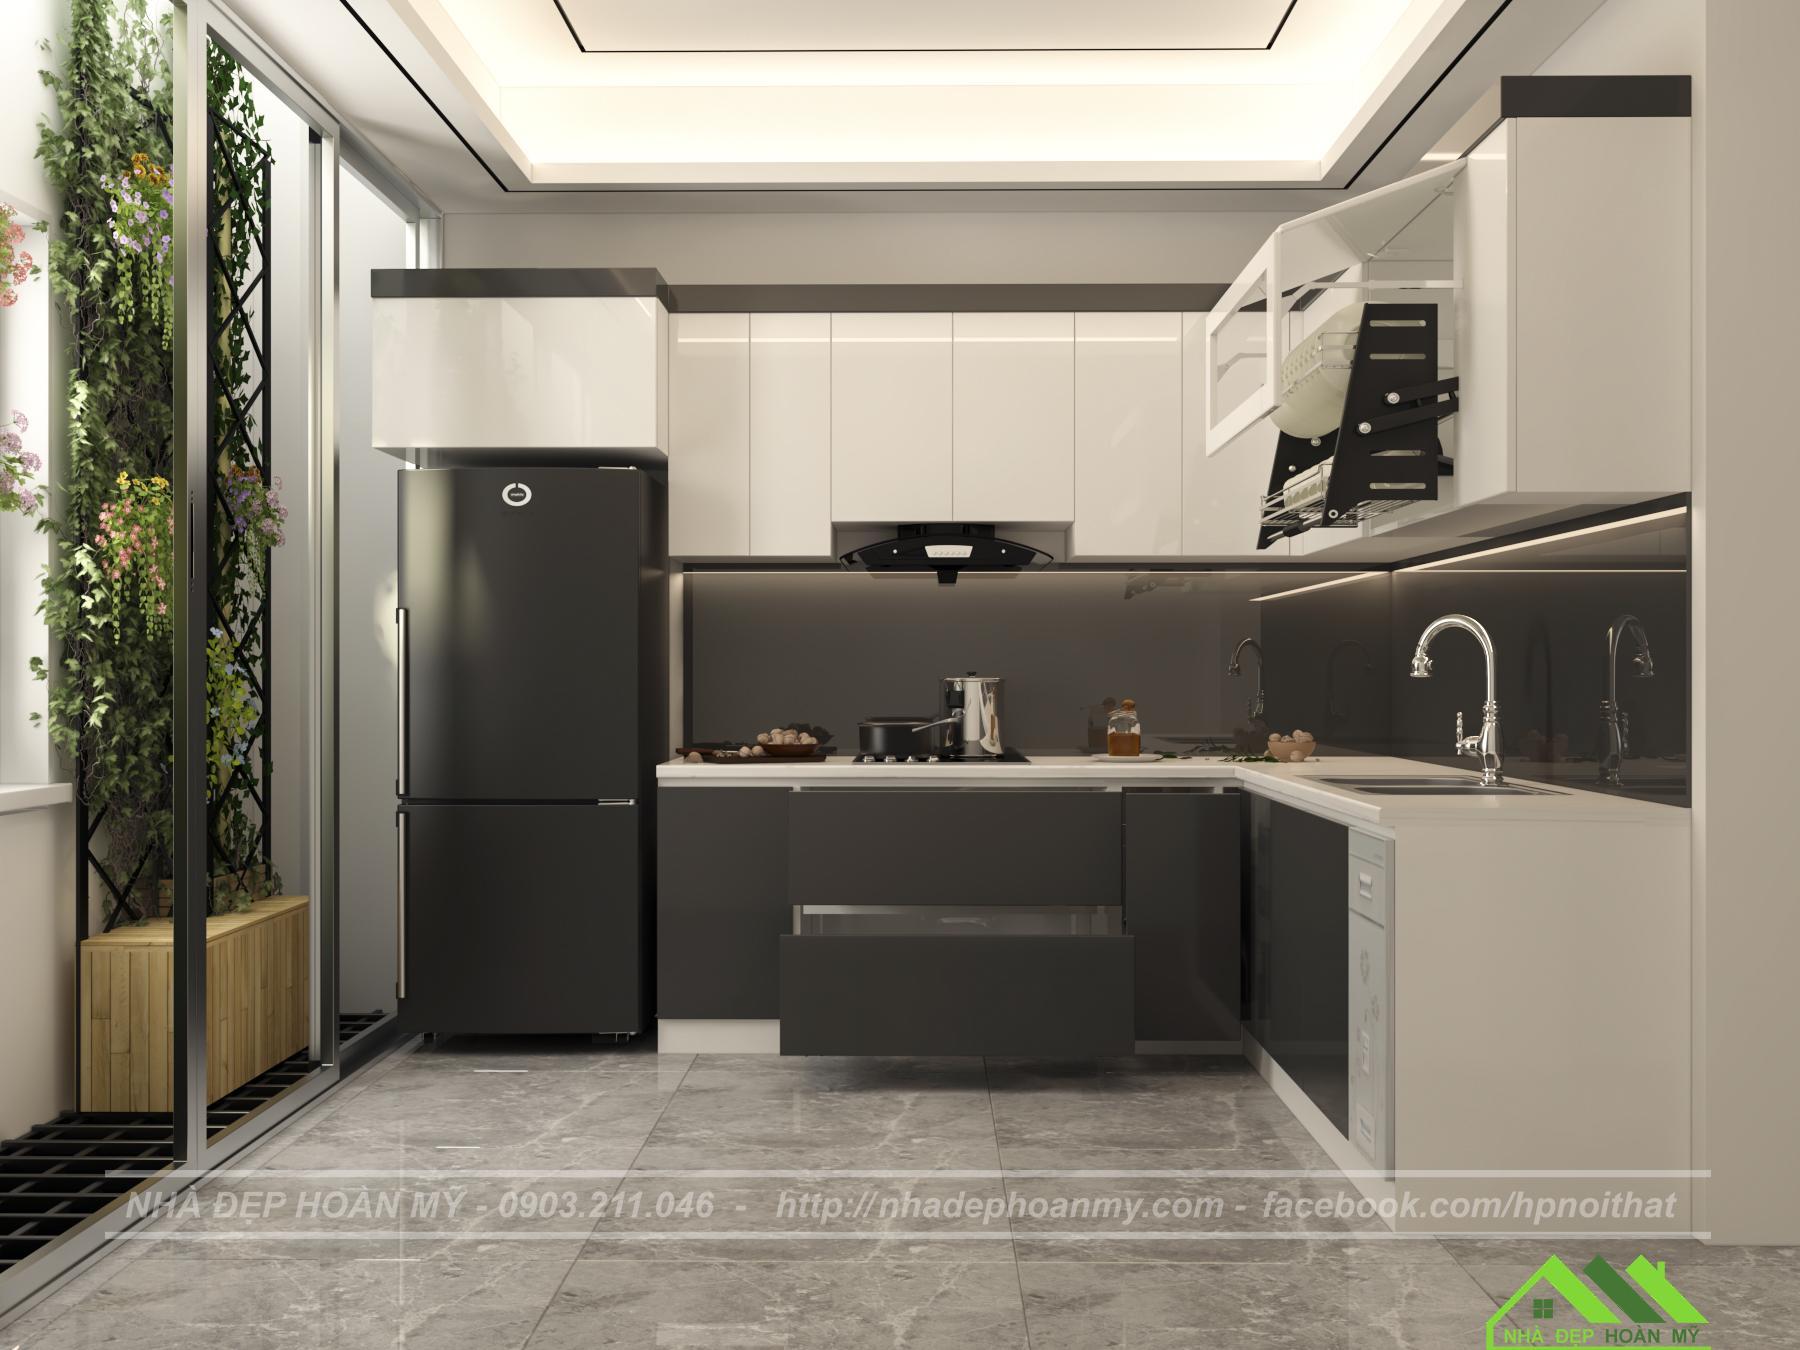 Phòng bếp NĐHM-PB-17